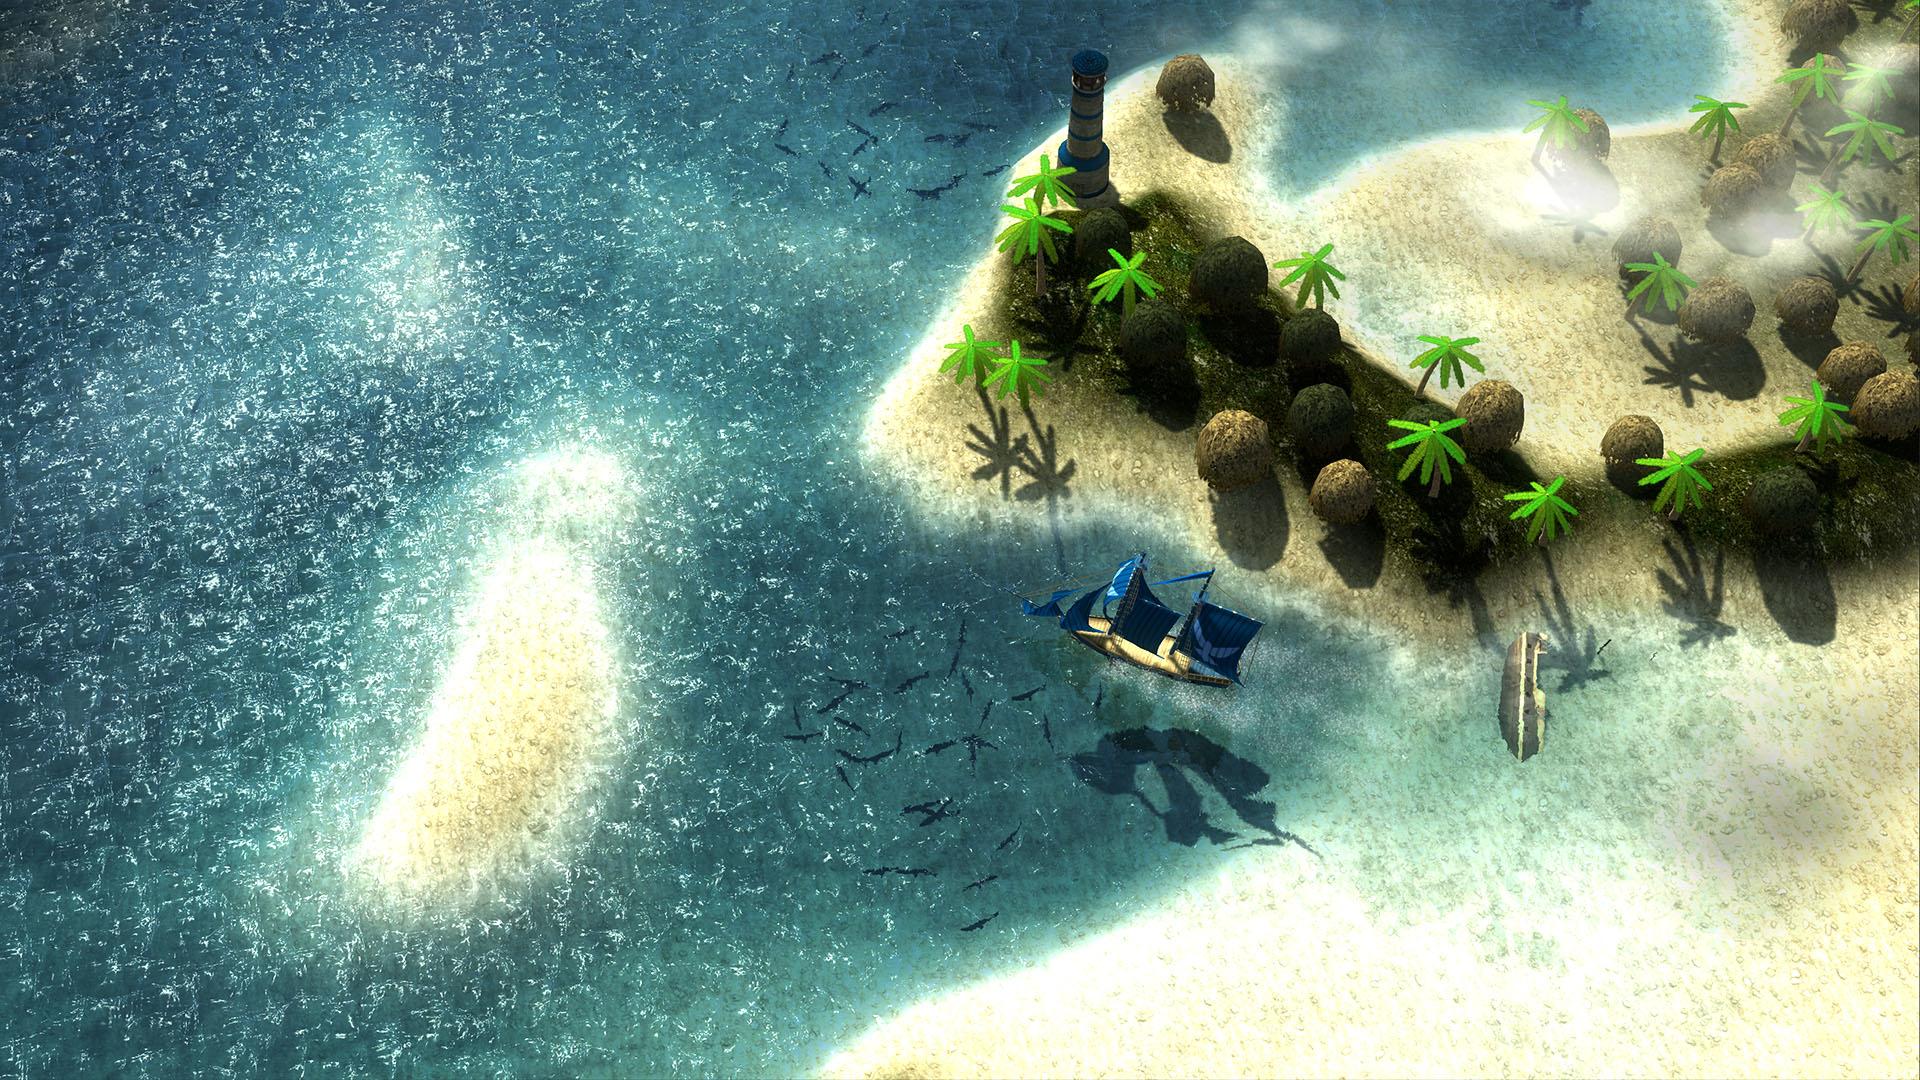 Windward Review - GameSpot